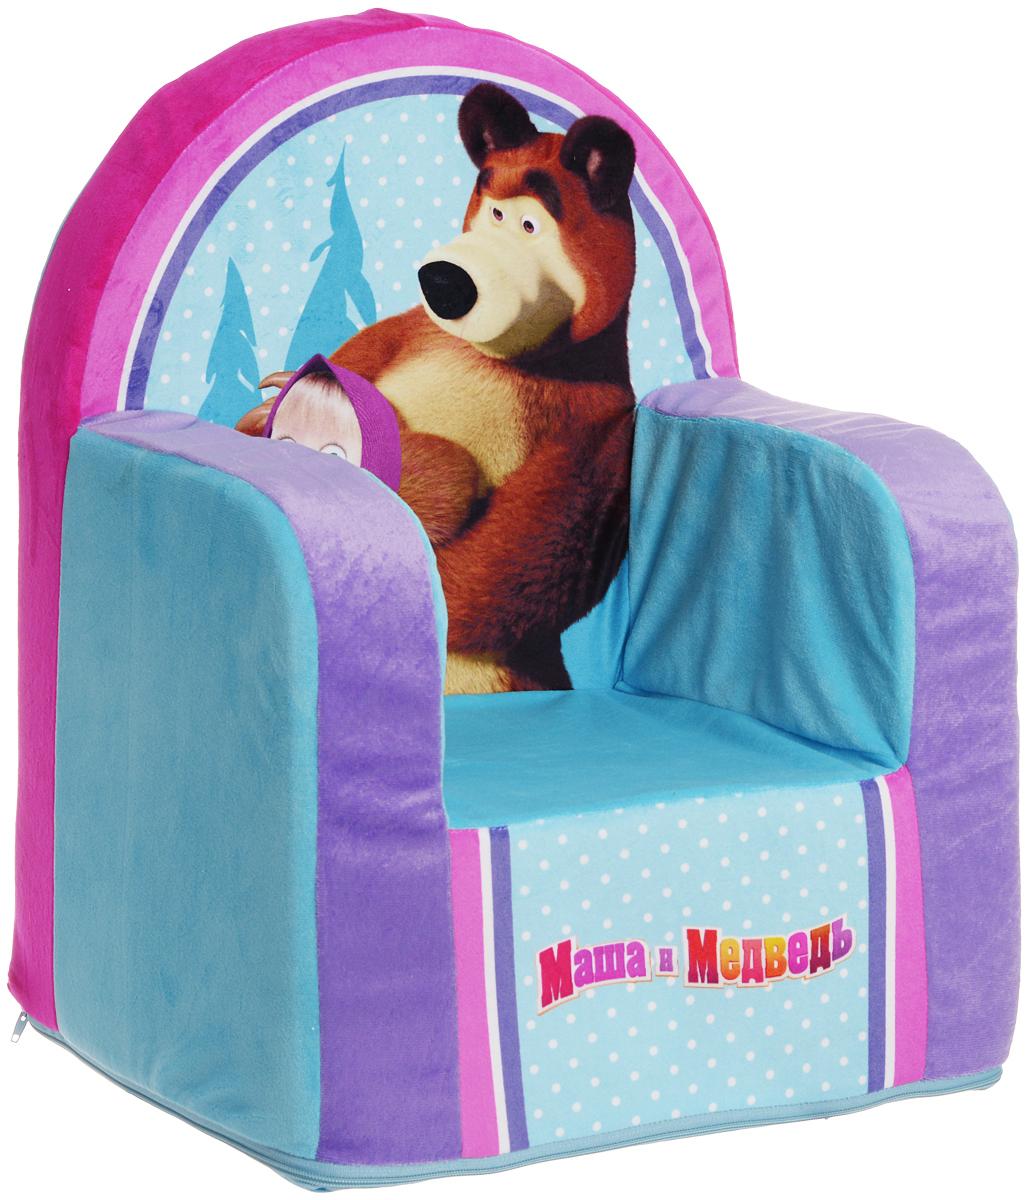 СмолТойс Мягкая игрушка Кресло Маша и Медведь цвет голубой 54 см